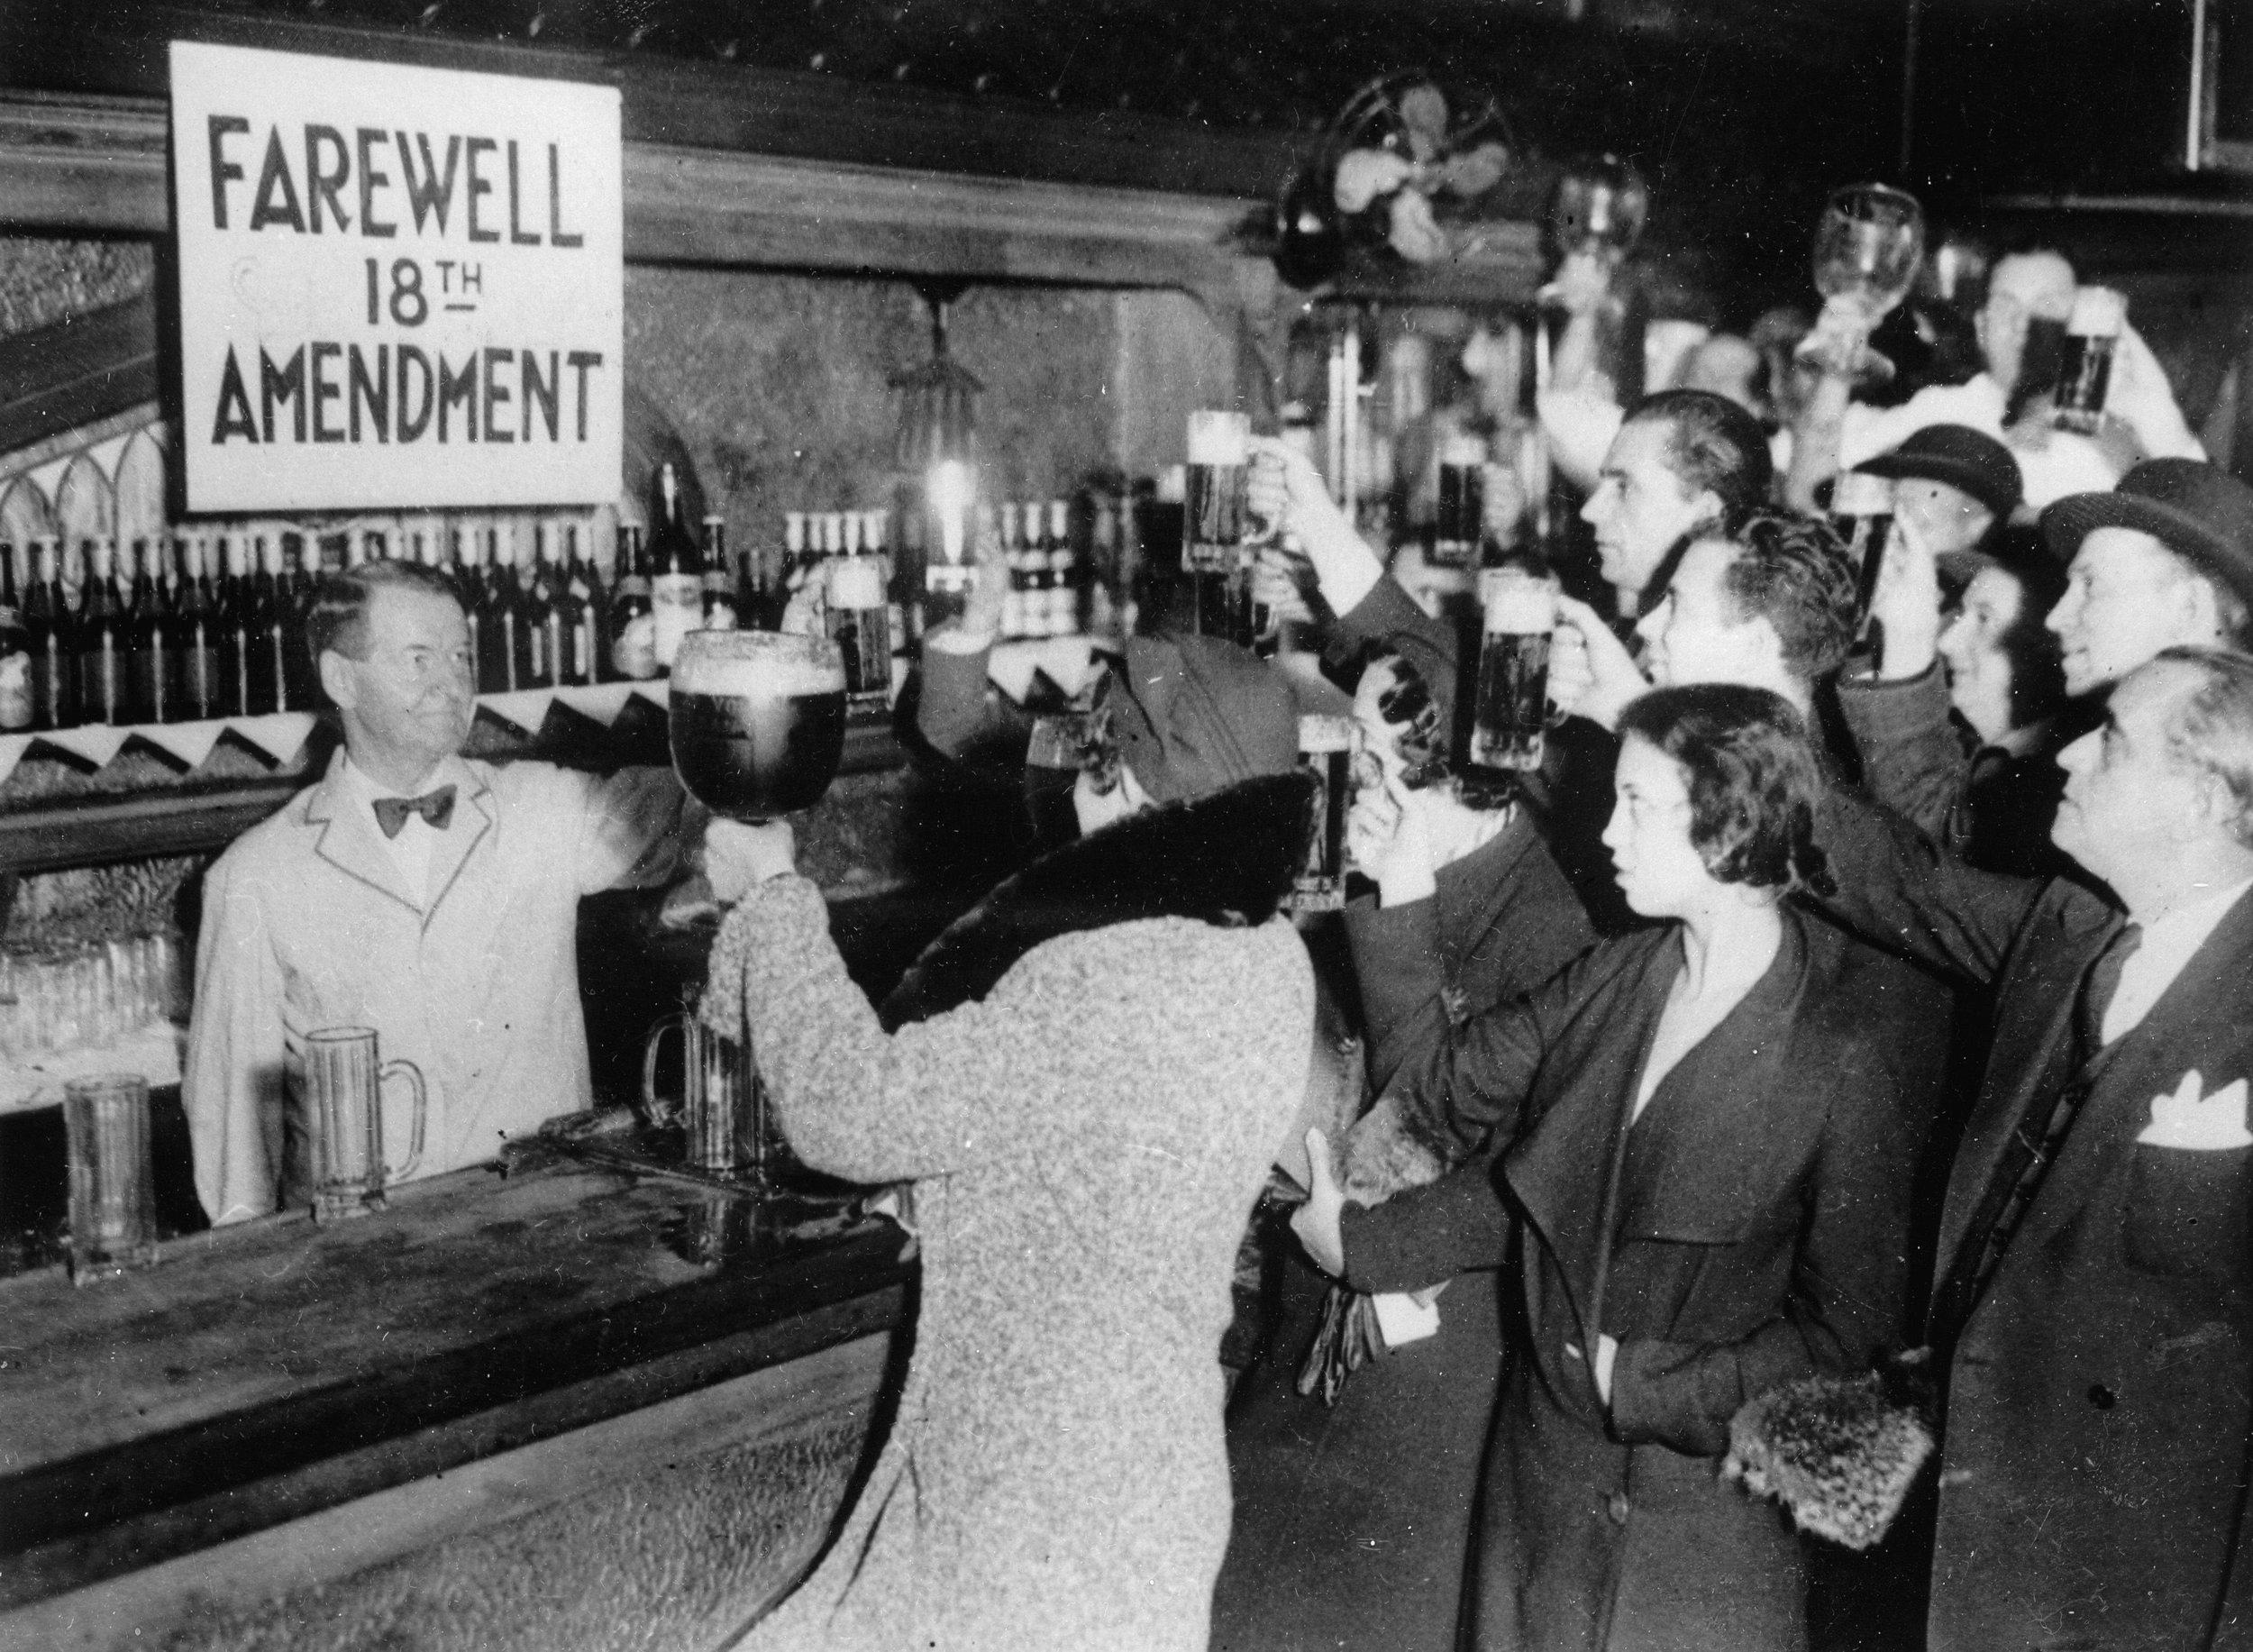 Farewell 18th Amendment (Click for more)